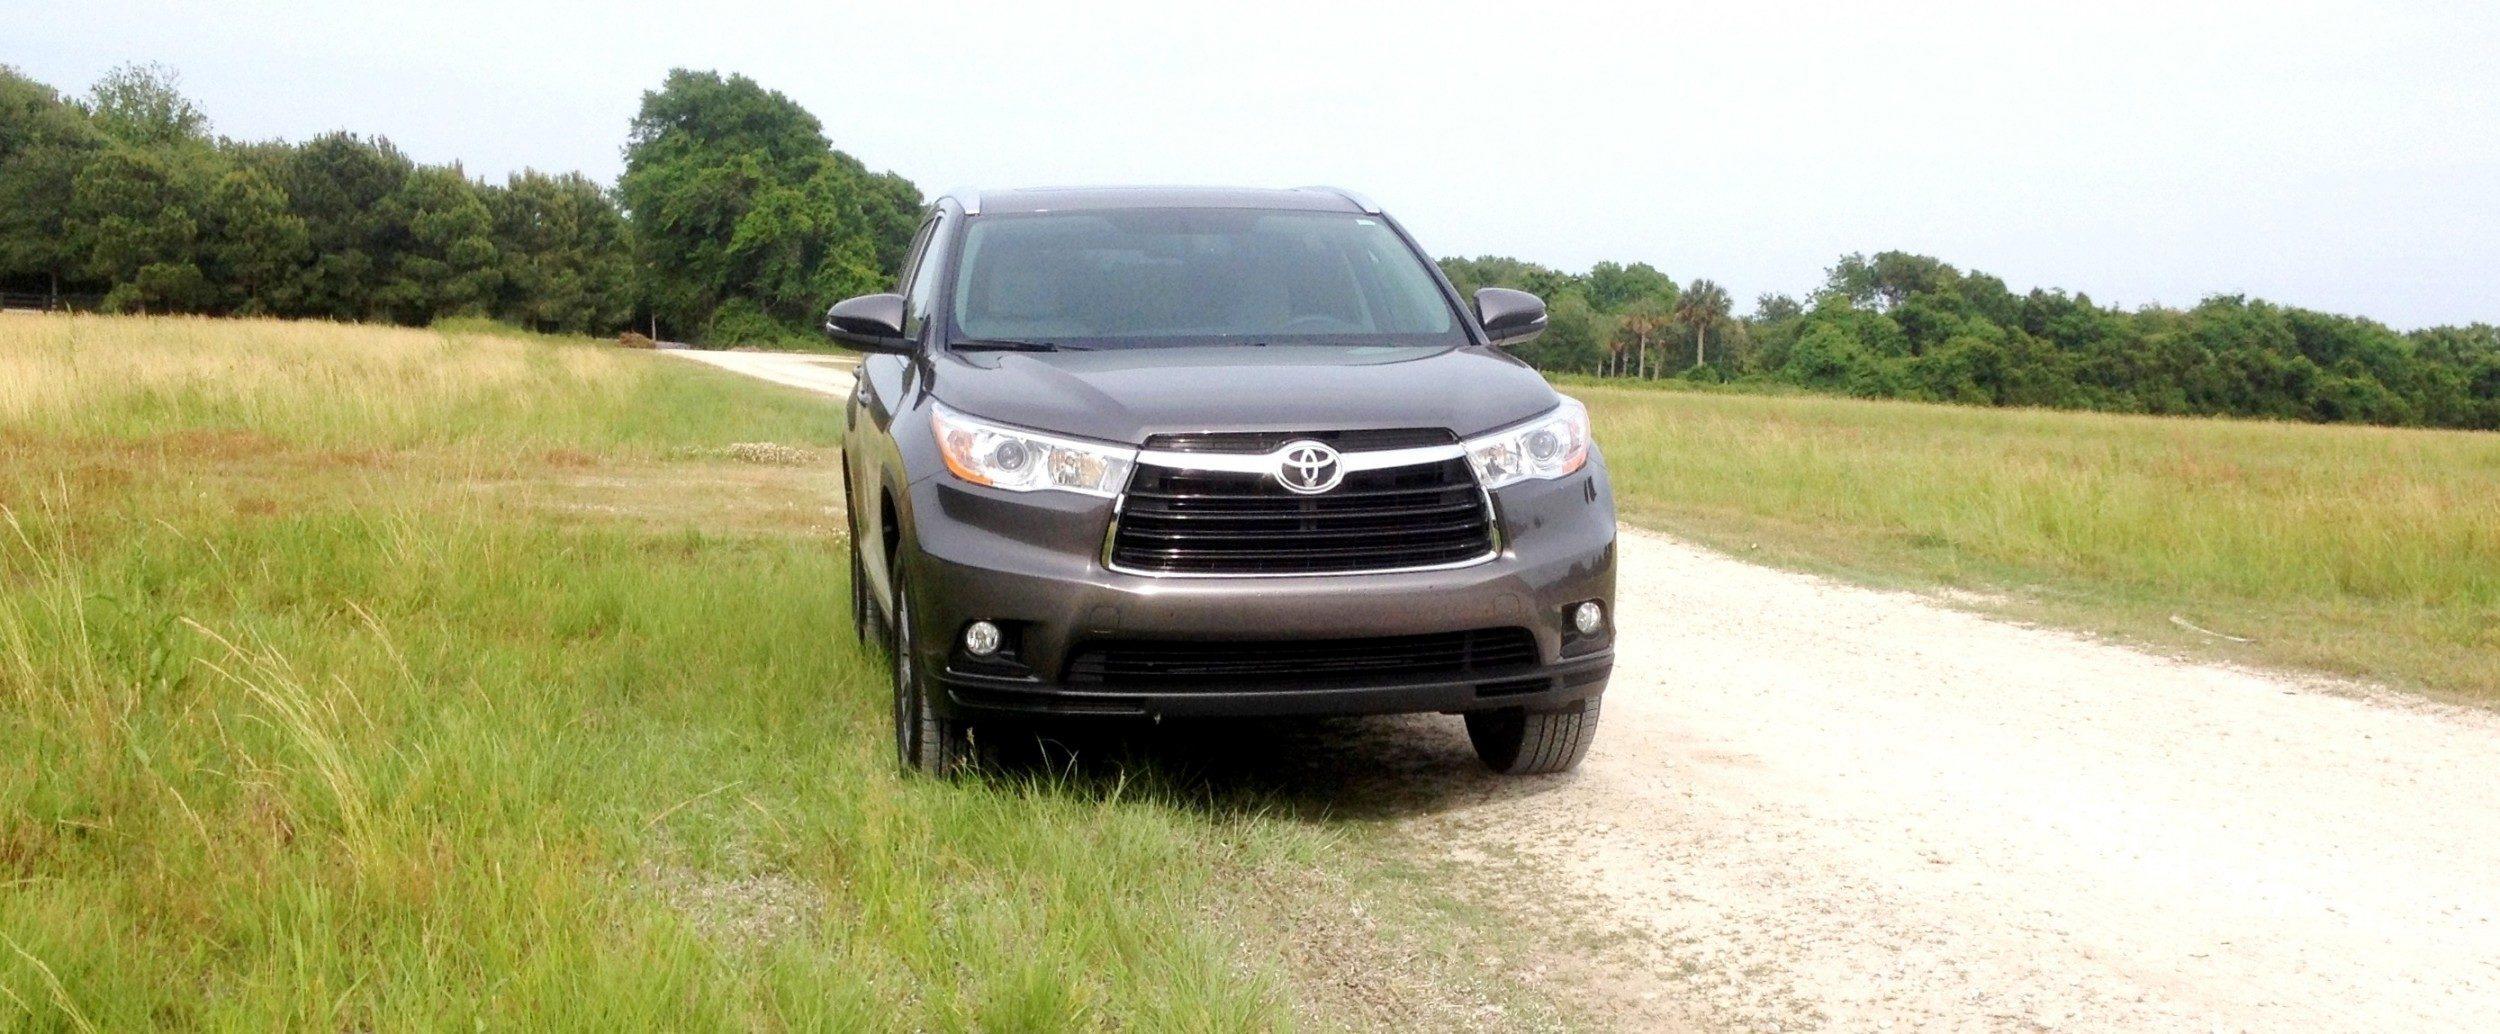 Car-Revs-Daily.com Best of Awards - 2014 Toyota Highlander XLE V6 7